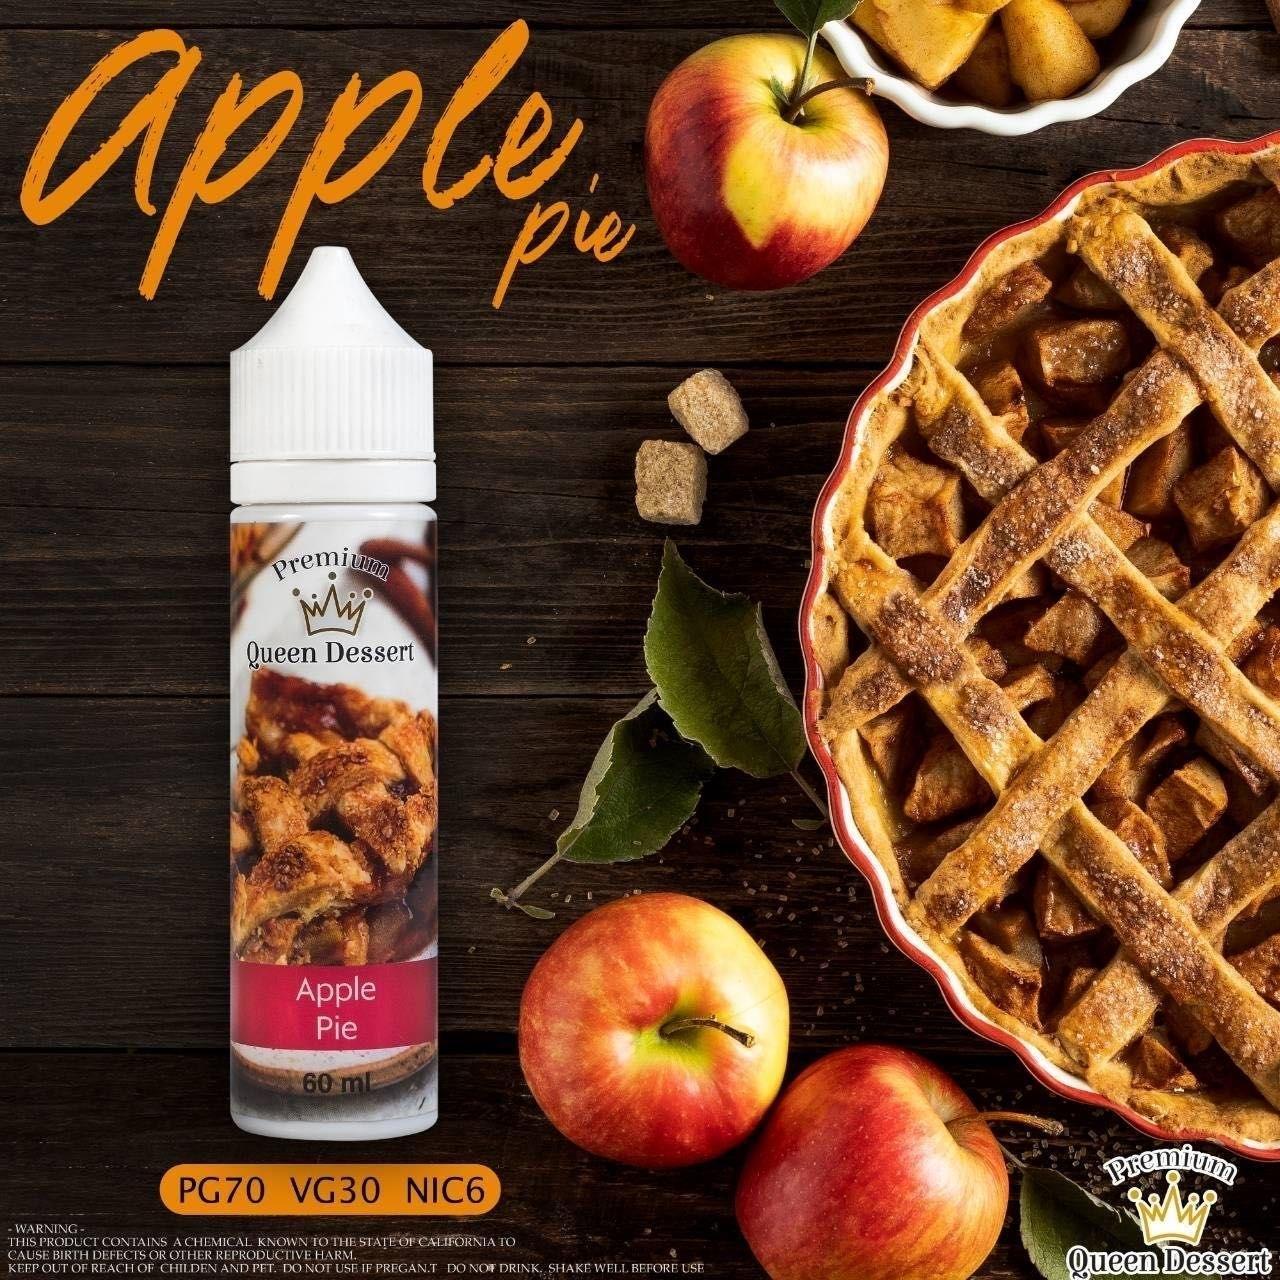 น้ำยามาเลเซีย Queen Dessert Apple Pie 60ml 6mg ไม่เย็น